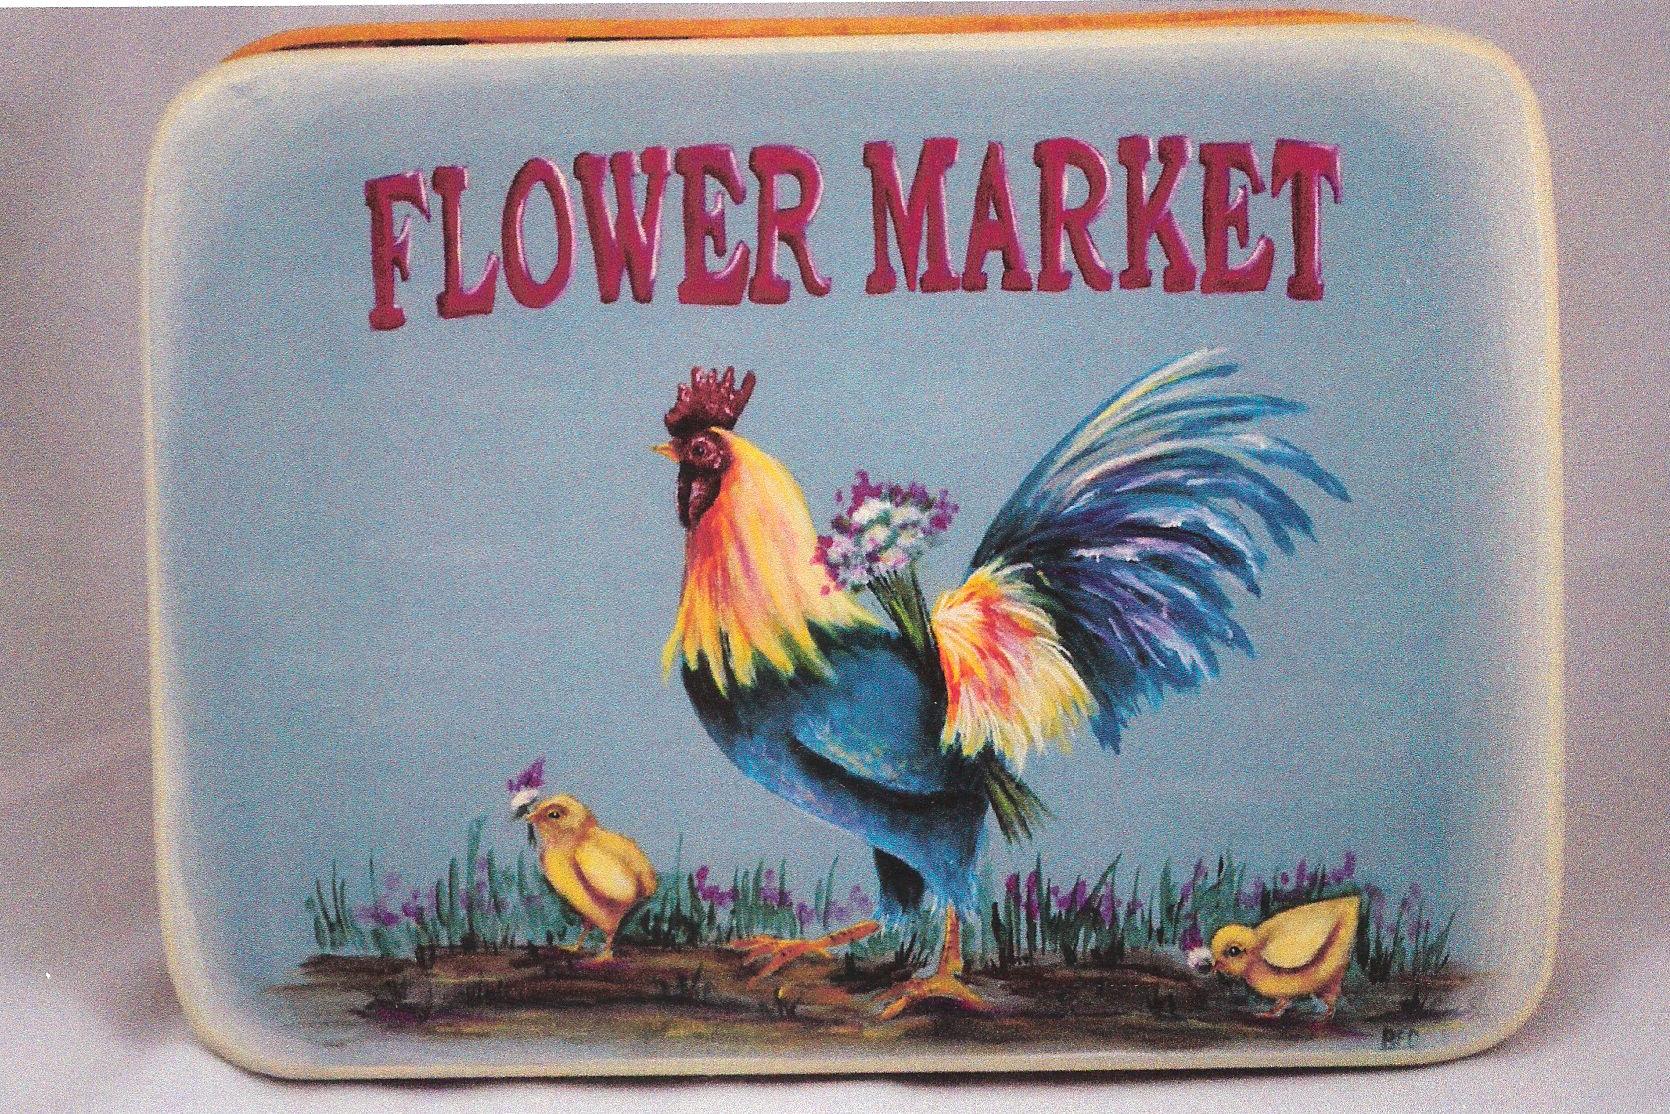 flower-market-picture-bc2017-02.jpg